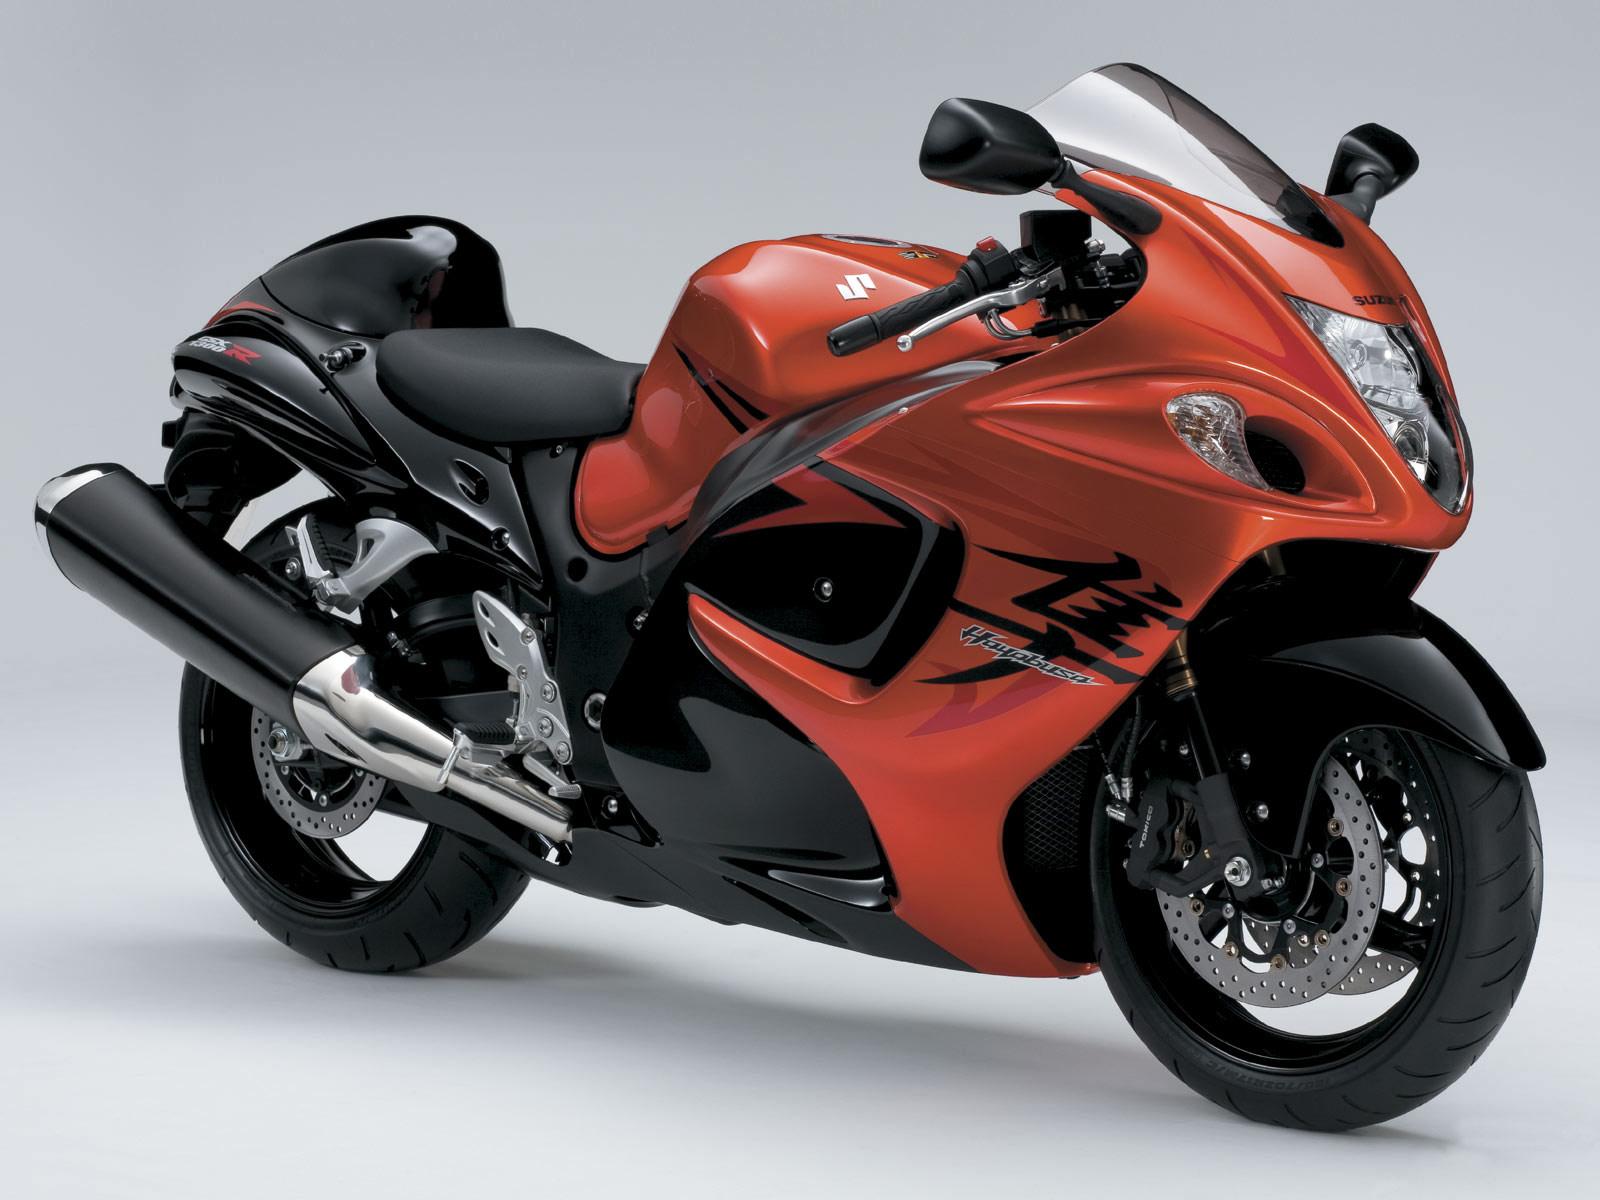 http://2.bp.blogspot.com/-cIBrTEimO1A/Tpzl86cI6eI/AAAAAAAACWU/649mu7PCYVg/s1600/2008_suzuki_GSX1300R_Hayabusa_motorcycle-desktop-wallpaper_01.jpg